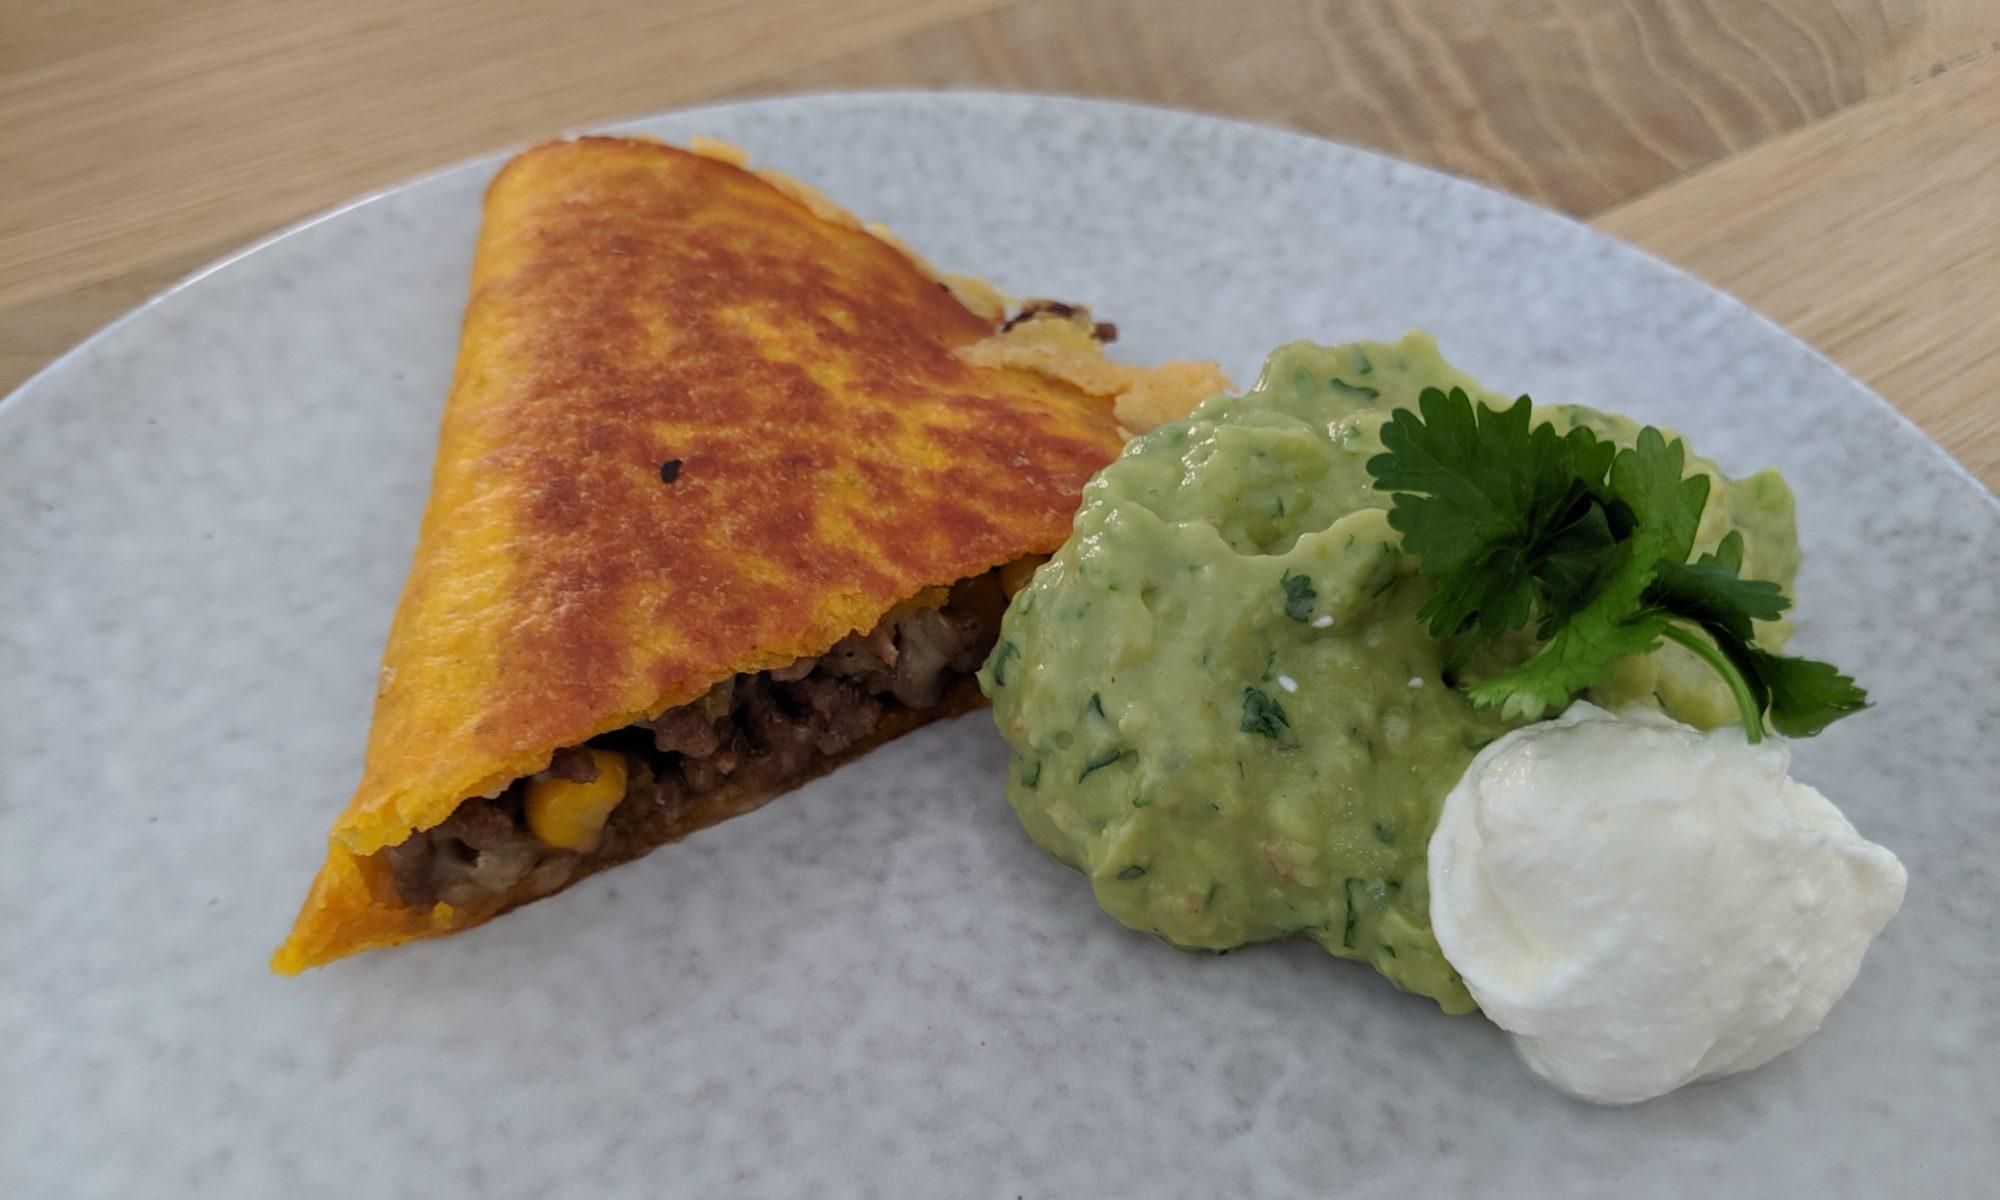 Quesadillas met gehakt of kip met guacamole en zure room mexicaanse tosti